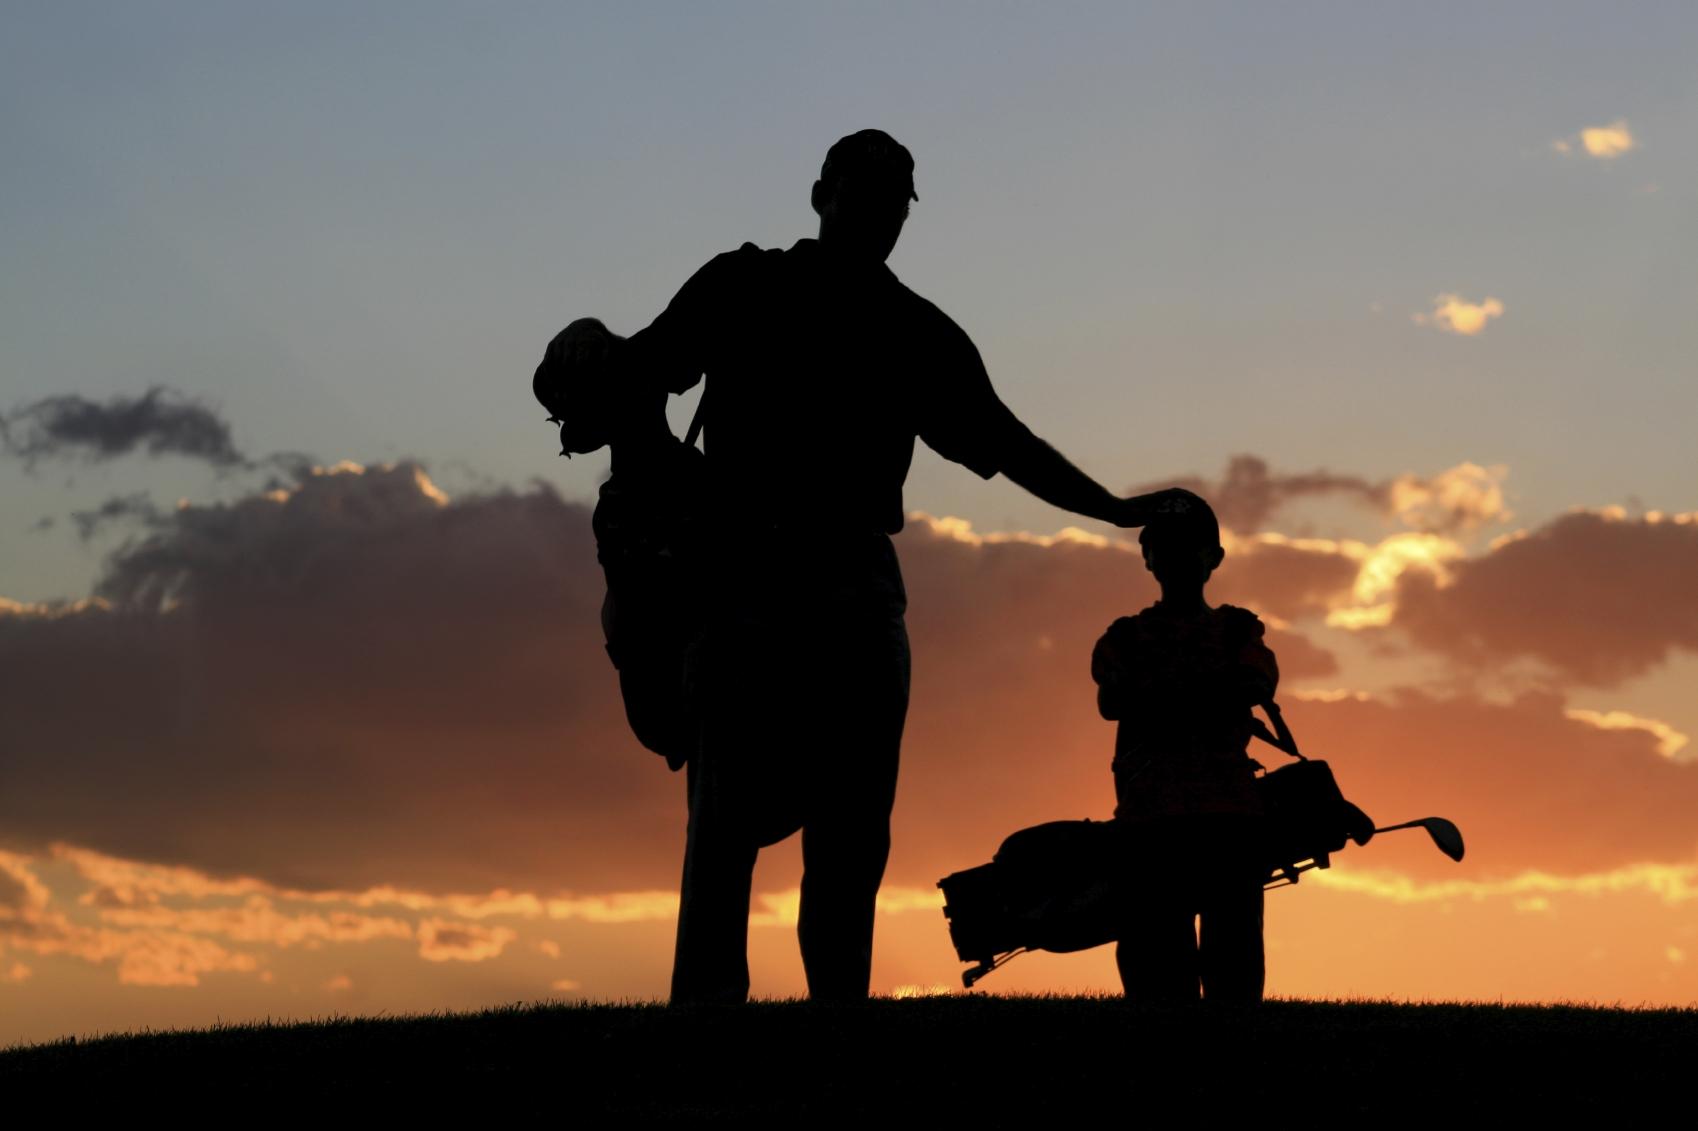 ゴルフは力や運動神経では無く「知恵と工夫」つまり頭のスポーツ!